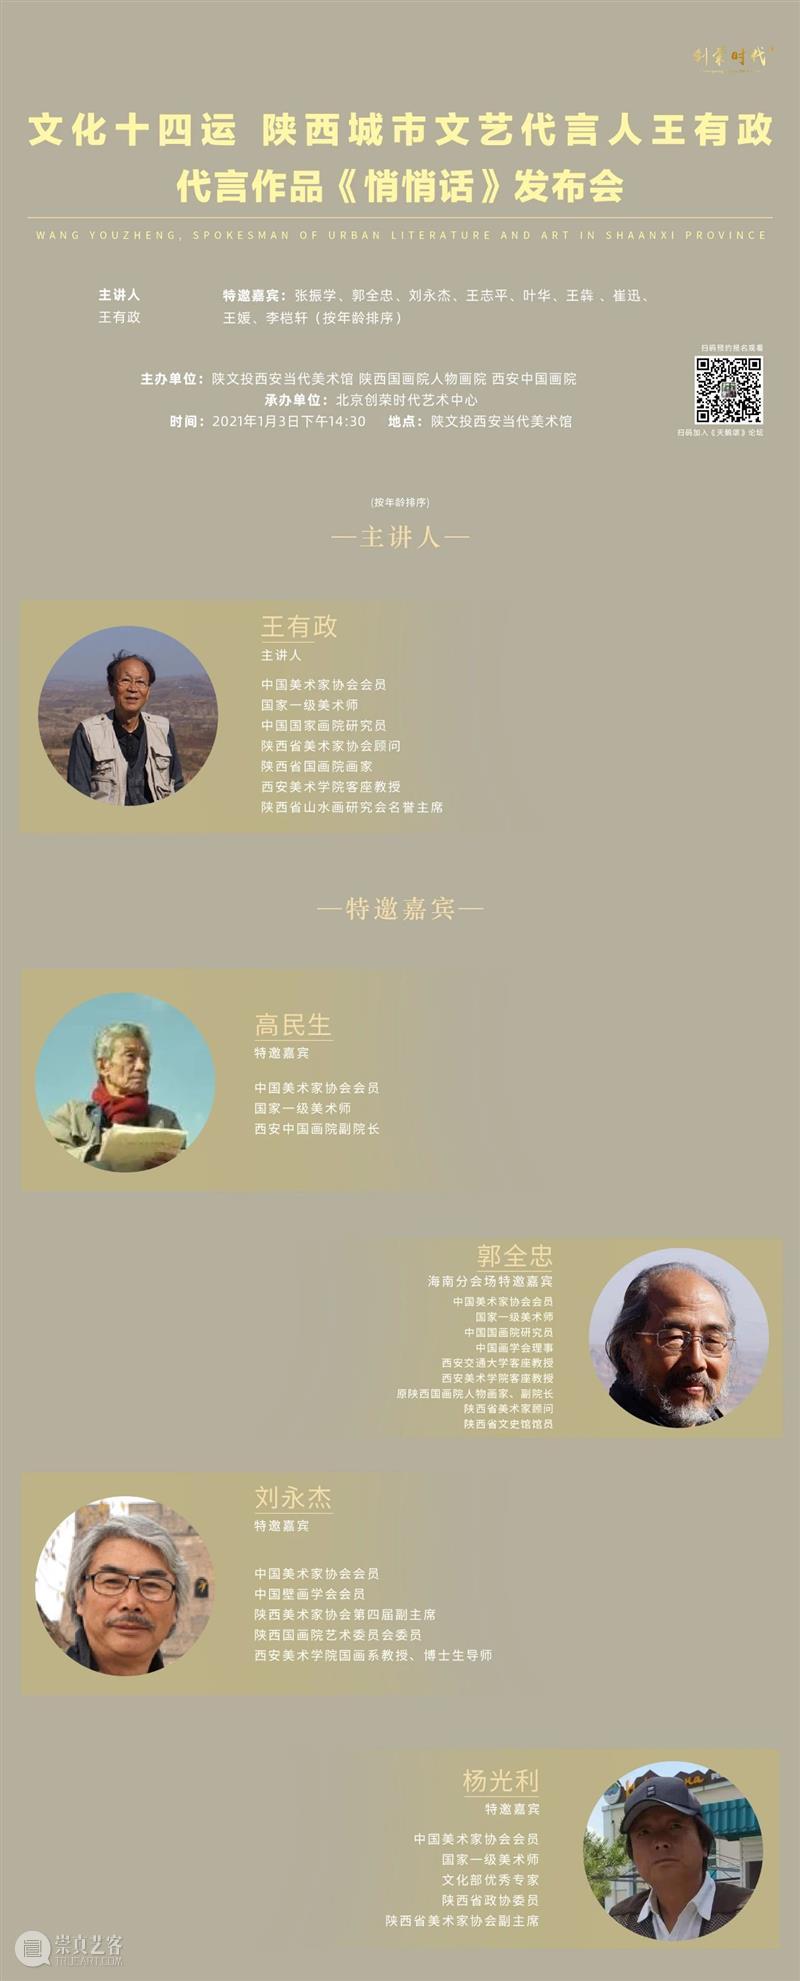 1月3日|文化十四运|陕西城市文艺代言人王有政代言作《悄悄话》发布会将全面首发启动双会场发布模式 王有政 文艺 发布会 悄悄话 文化 陕西 城市 代言人 会场 模式 崇真艺客